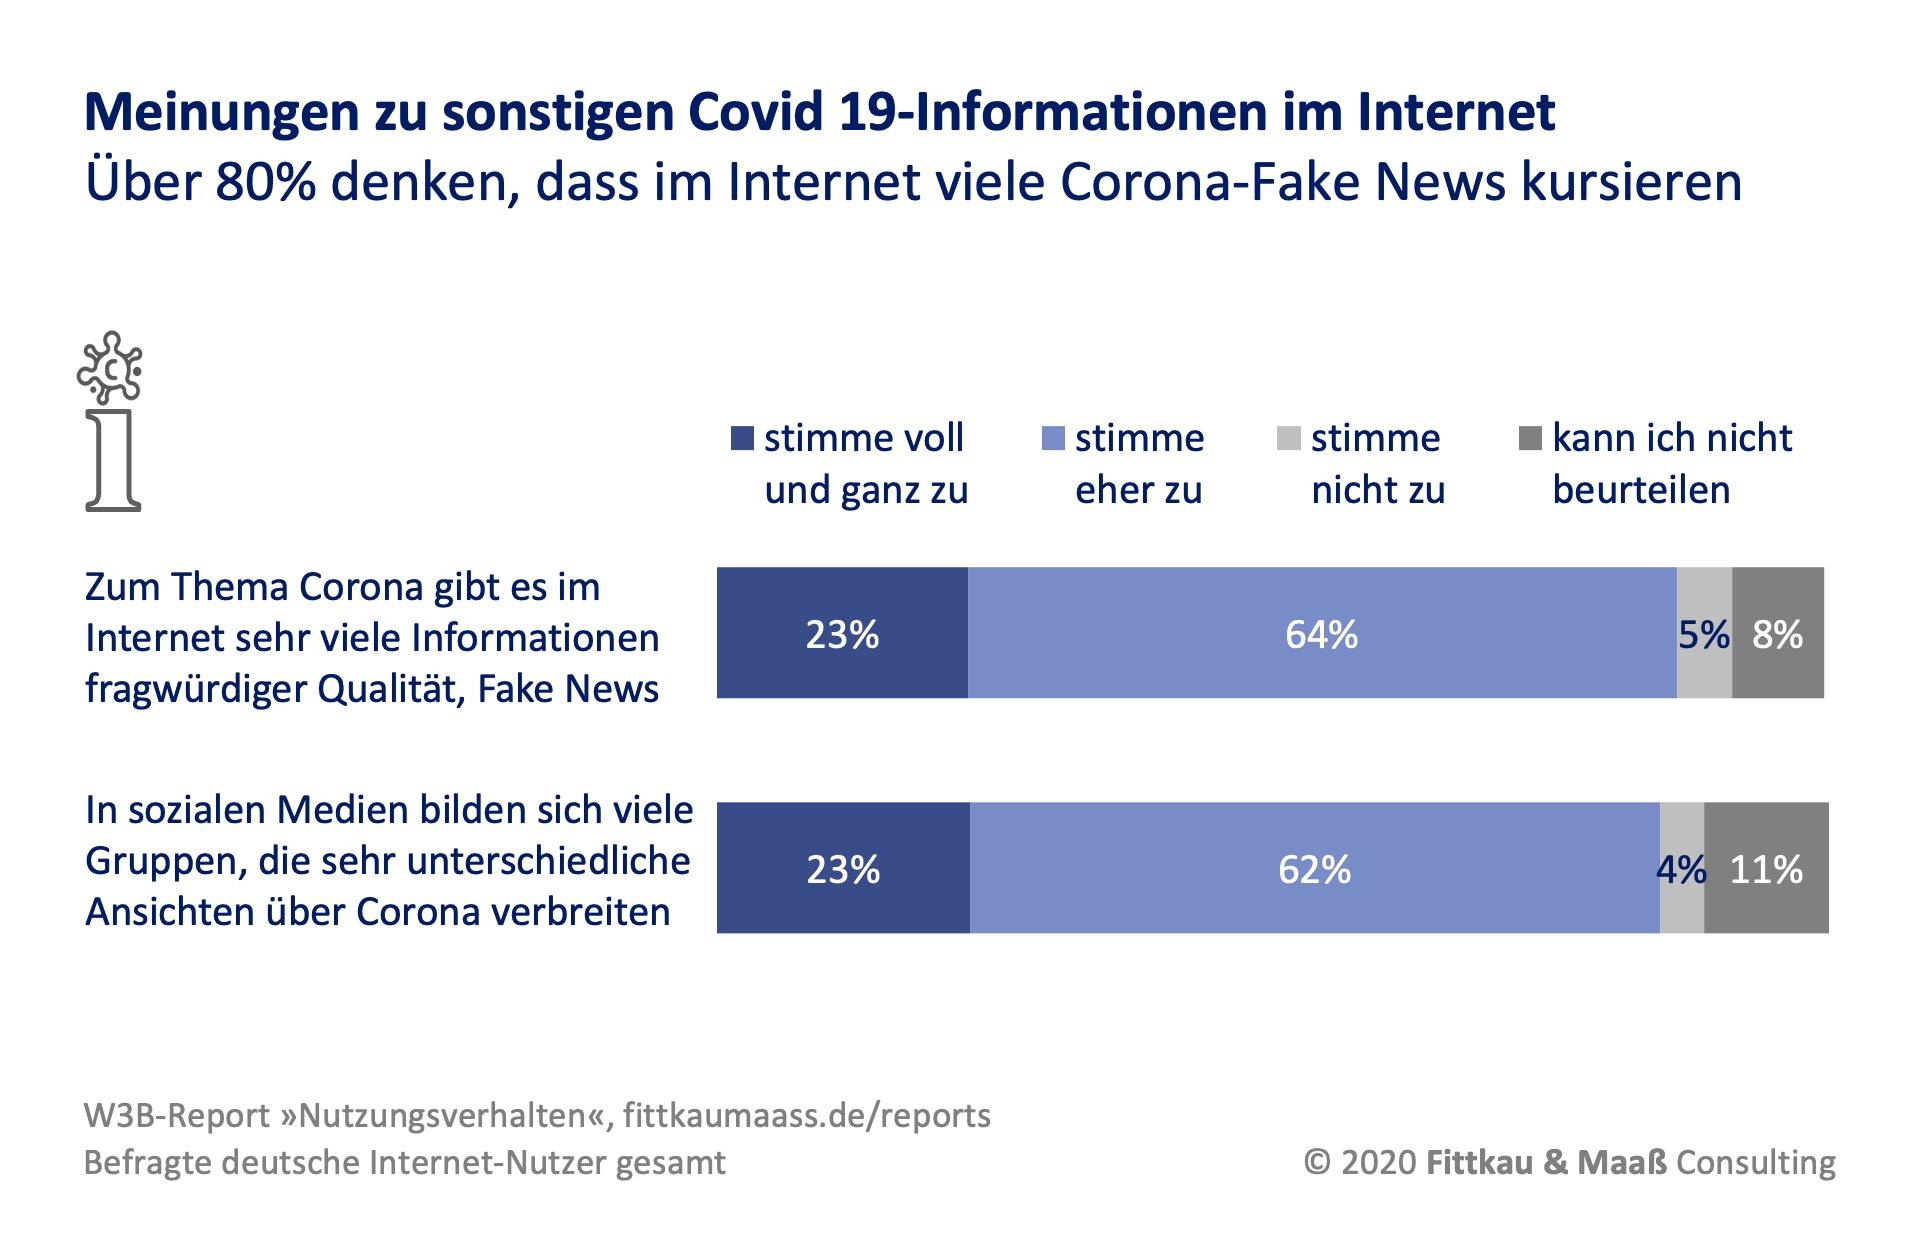 Meinungen zu Informationen über Covid 19 im Internet